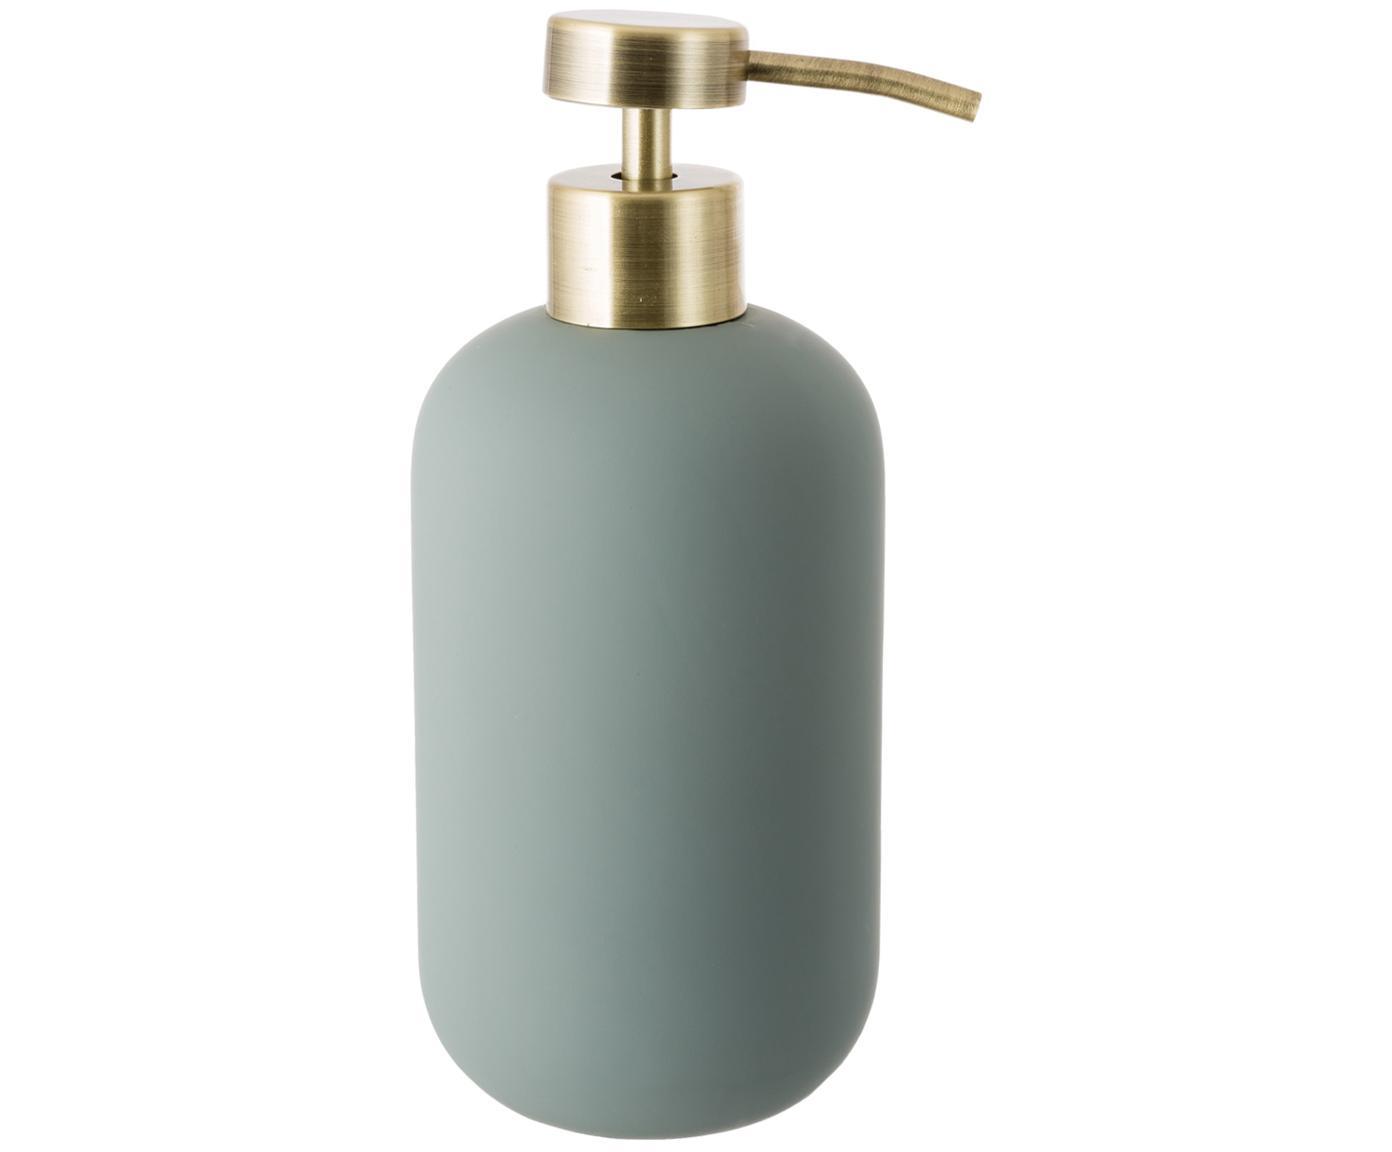 Dosatore di sapone Lotus, Contenitore: ceramica, Testa della pompa: metallo, Verde, ottone, Ø 8 x A 18 cm